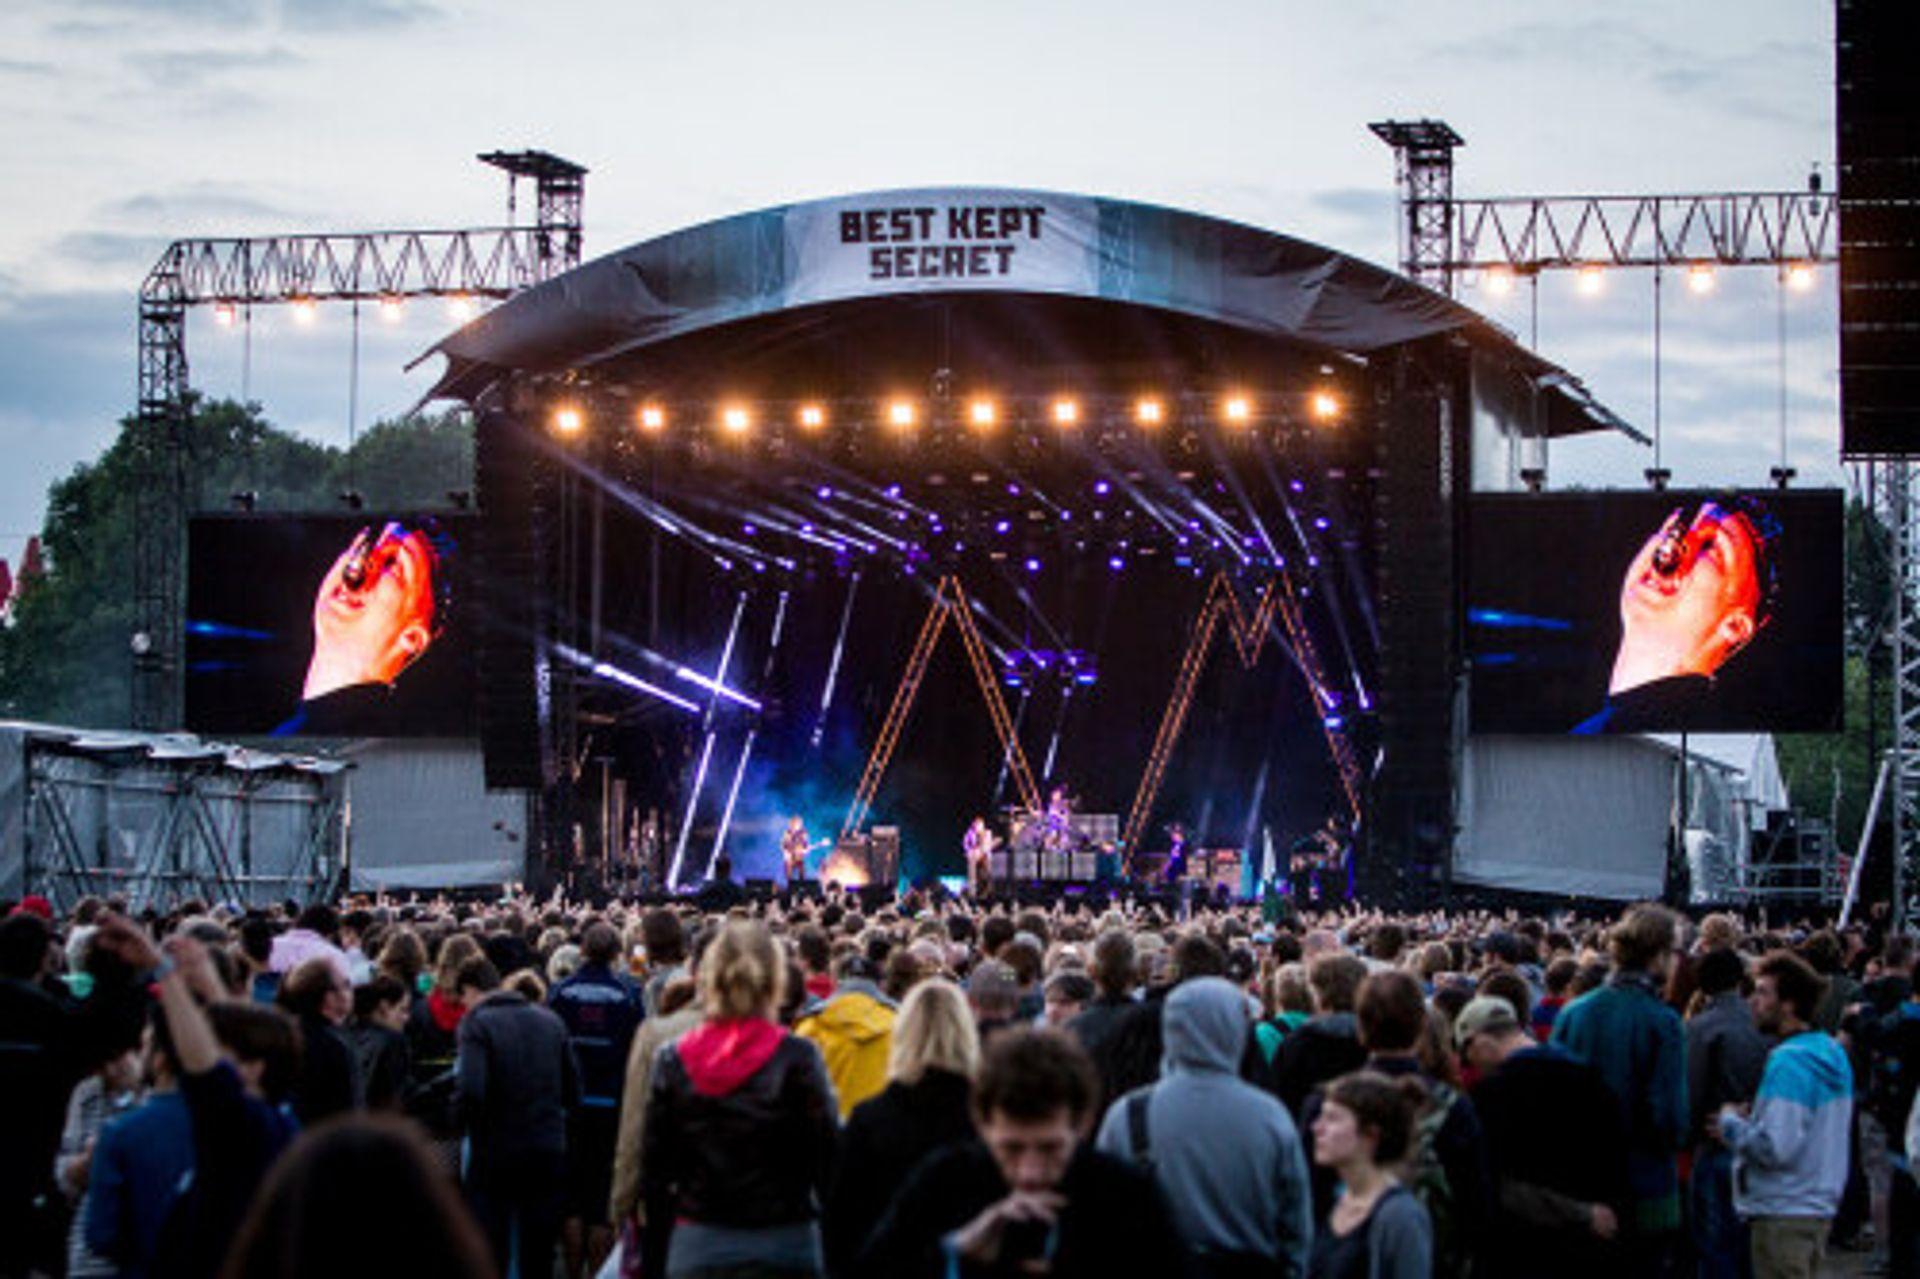 Festivaldirecteur Best Kept Secret over afgelaste evenementen tot 1 september: Het komt hard aan, maar deze duidelijkheid brengt ook rust'